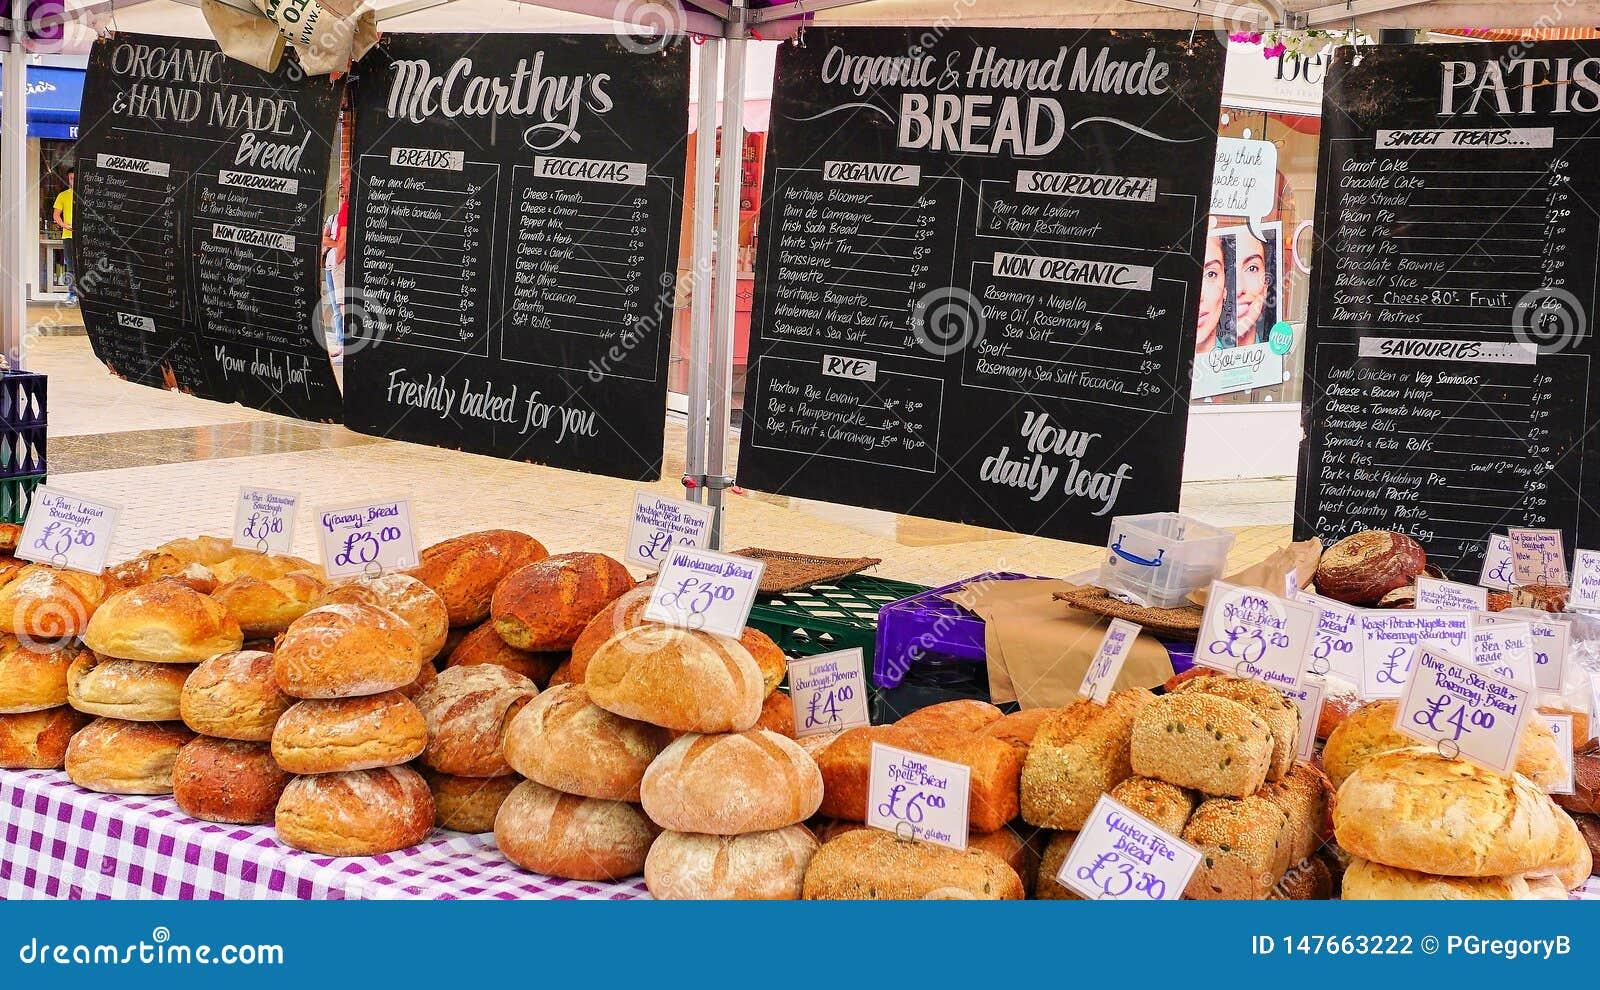 Tenda do mercado que vende o pão orgânico feito a mão